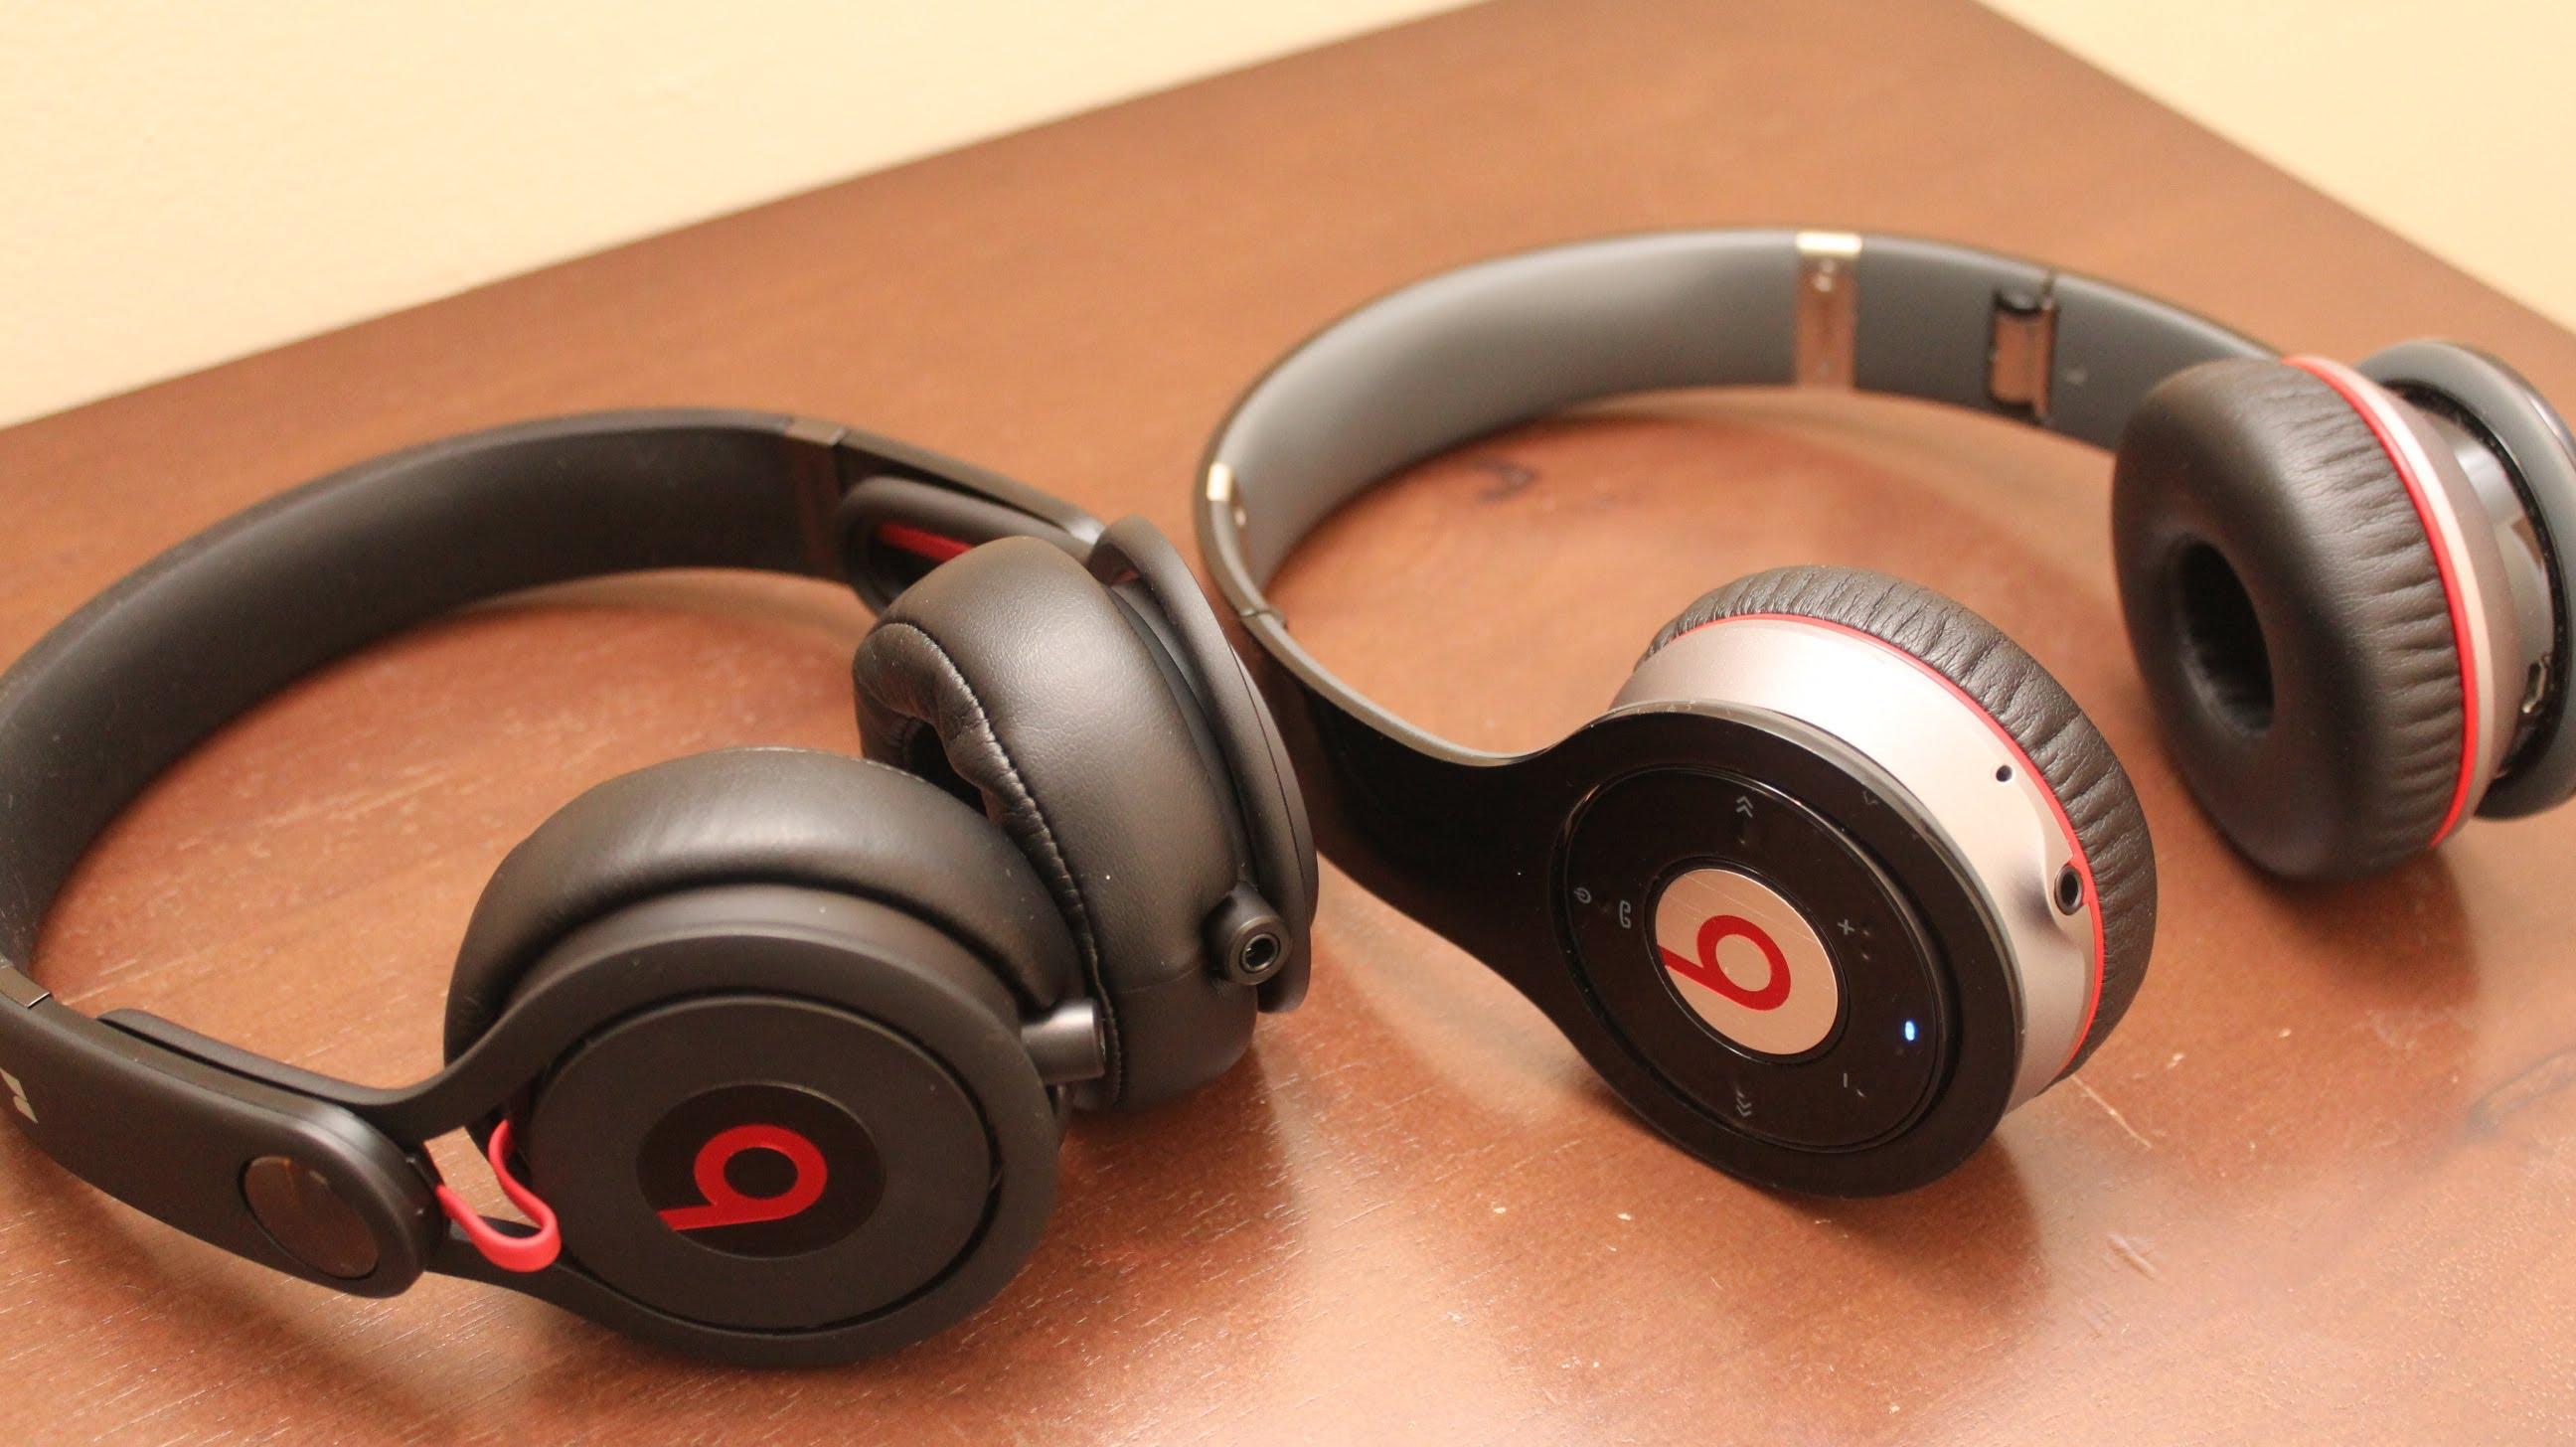 Beats Studio vs Mixr